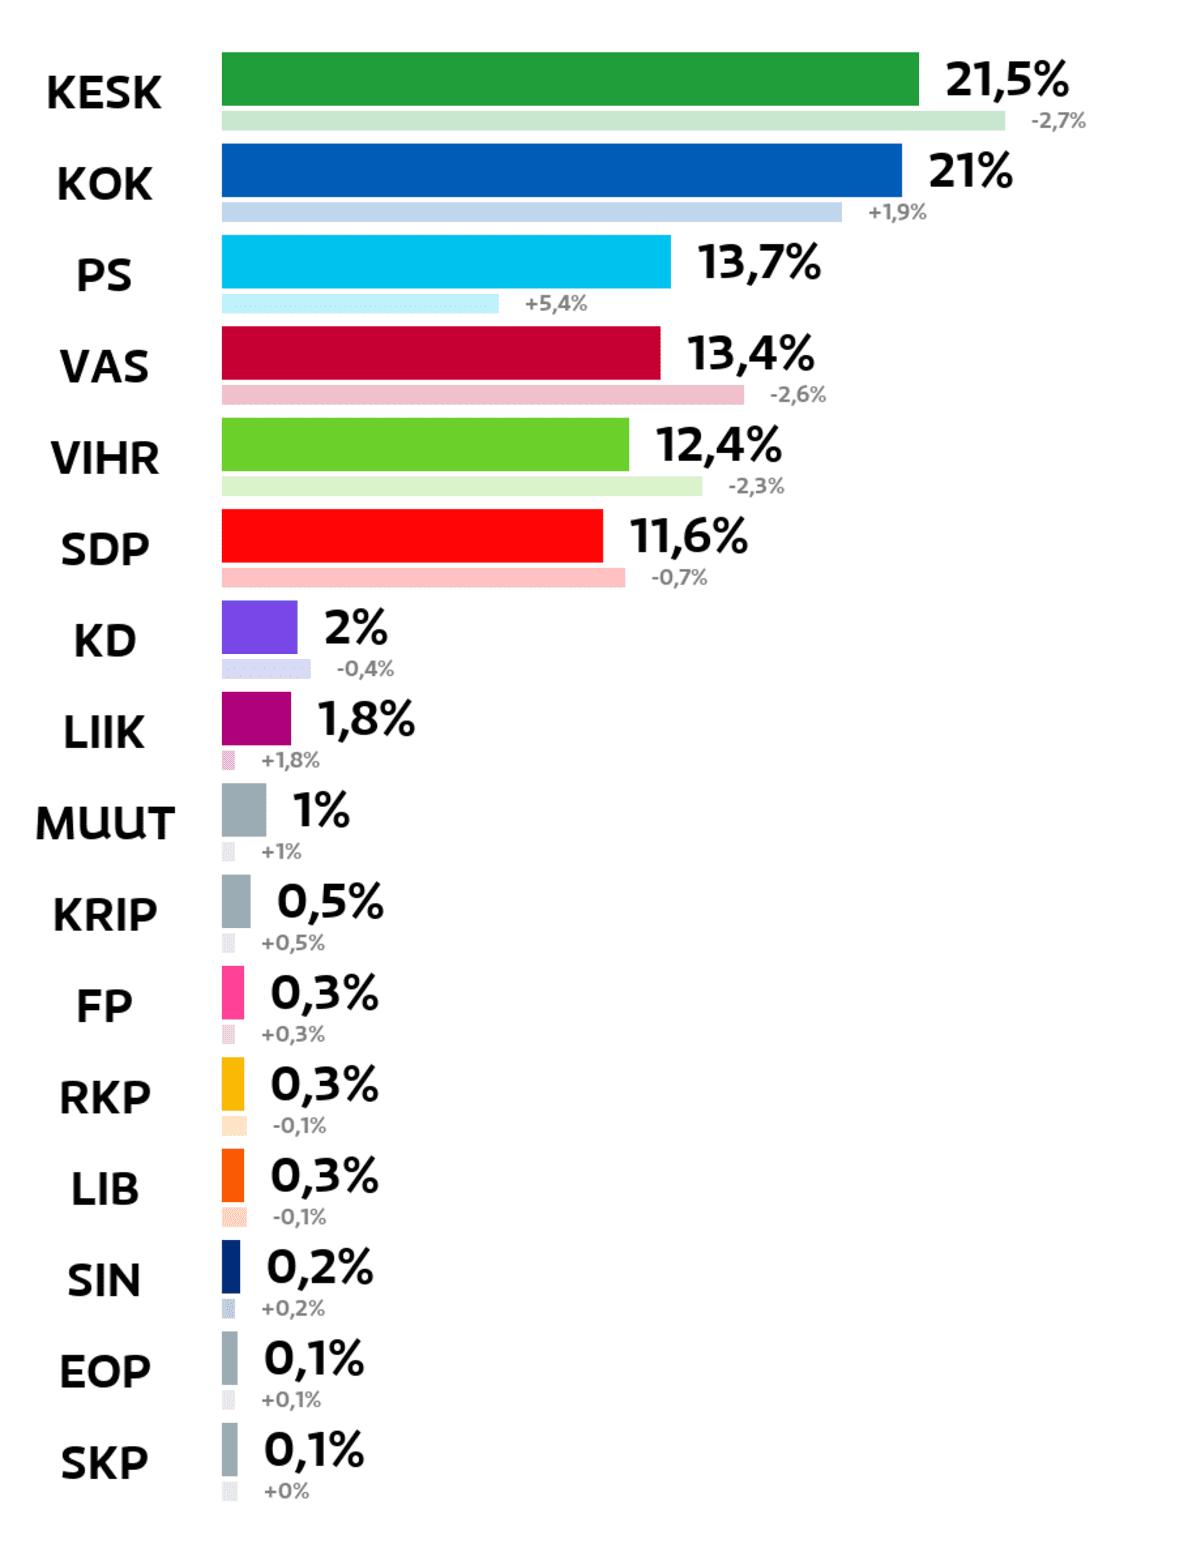 Oulu: Kuntavaalien tulos (%) Keskusta: 21,5 prosenttia Kokoomus: 21 prosenttia Perussuomalaiset: 13,7 prosenttia Vasemmistoliitto: 13,4 prosenttia Vihreät: 12,4 prosenttia SDP: 11,6 prosenttia Kristillisdemokraatit: 2 prosenttia Liike Nyt: 1,8 prosenttia Muut ryhmät: 1 prosenttia Kristallipuolue: 0,5 prosenttia Feministinen puolue: 0,3 prosenttia RKP: 0,3 prosenttia Liberaalipuolue: 0,3 prosenttia Sininen tulevaisuus: 0,2 prosenttia Eläinoikeuspuolue: 0,1 prosenttia Suomen Kommunistinen Puolue: 0,1 prosenttia